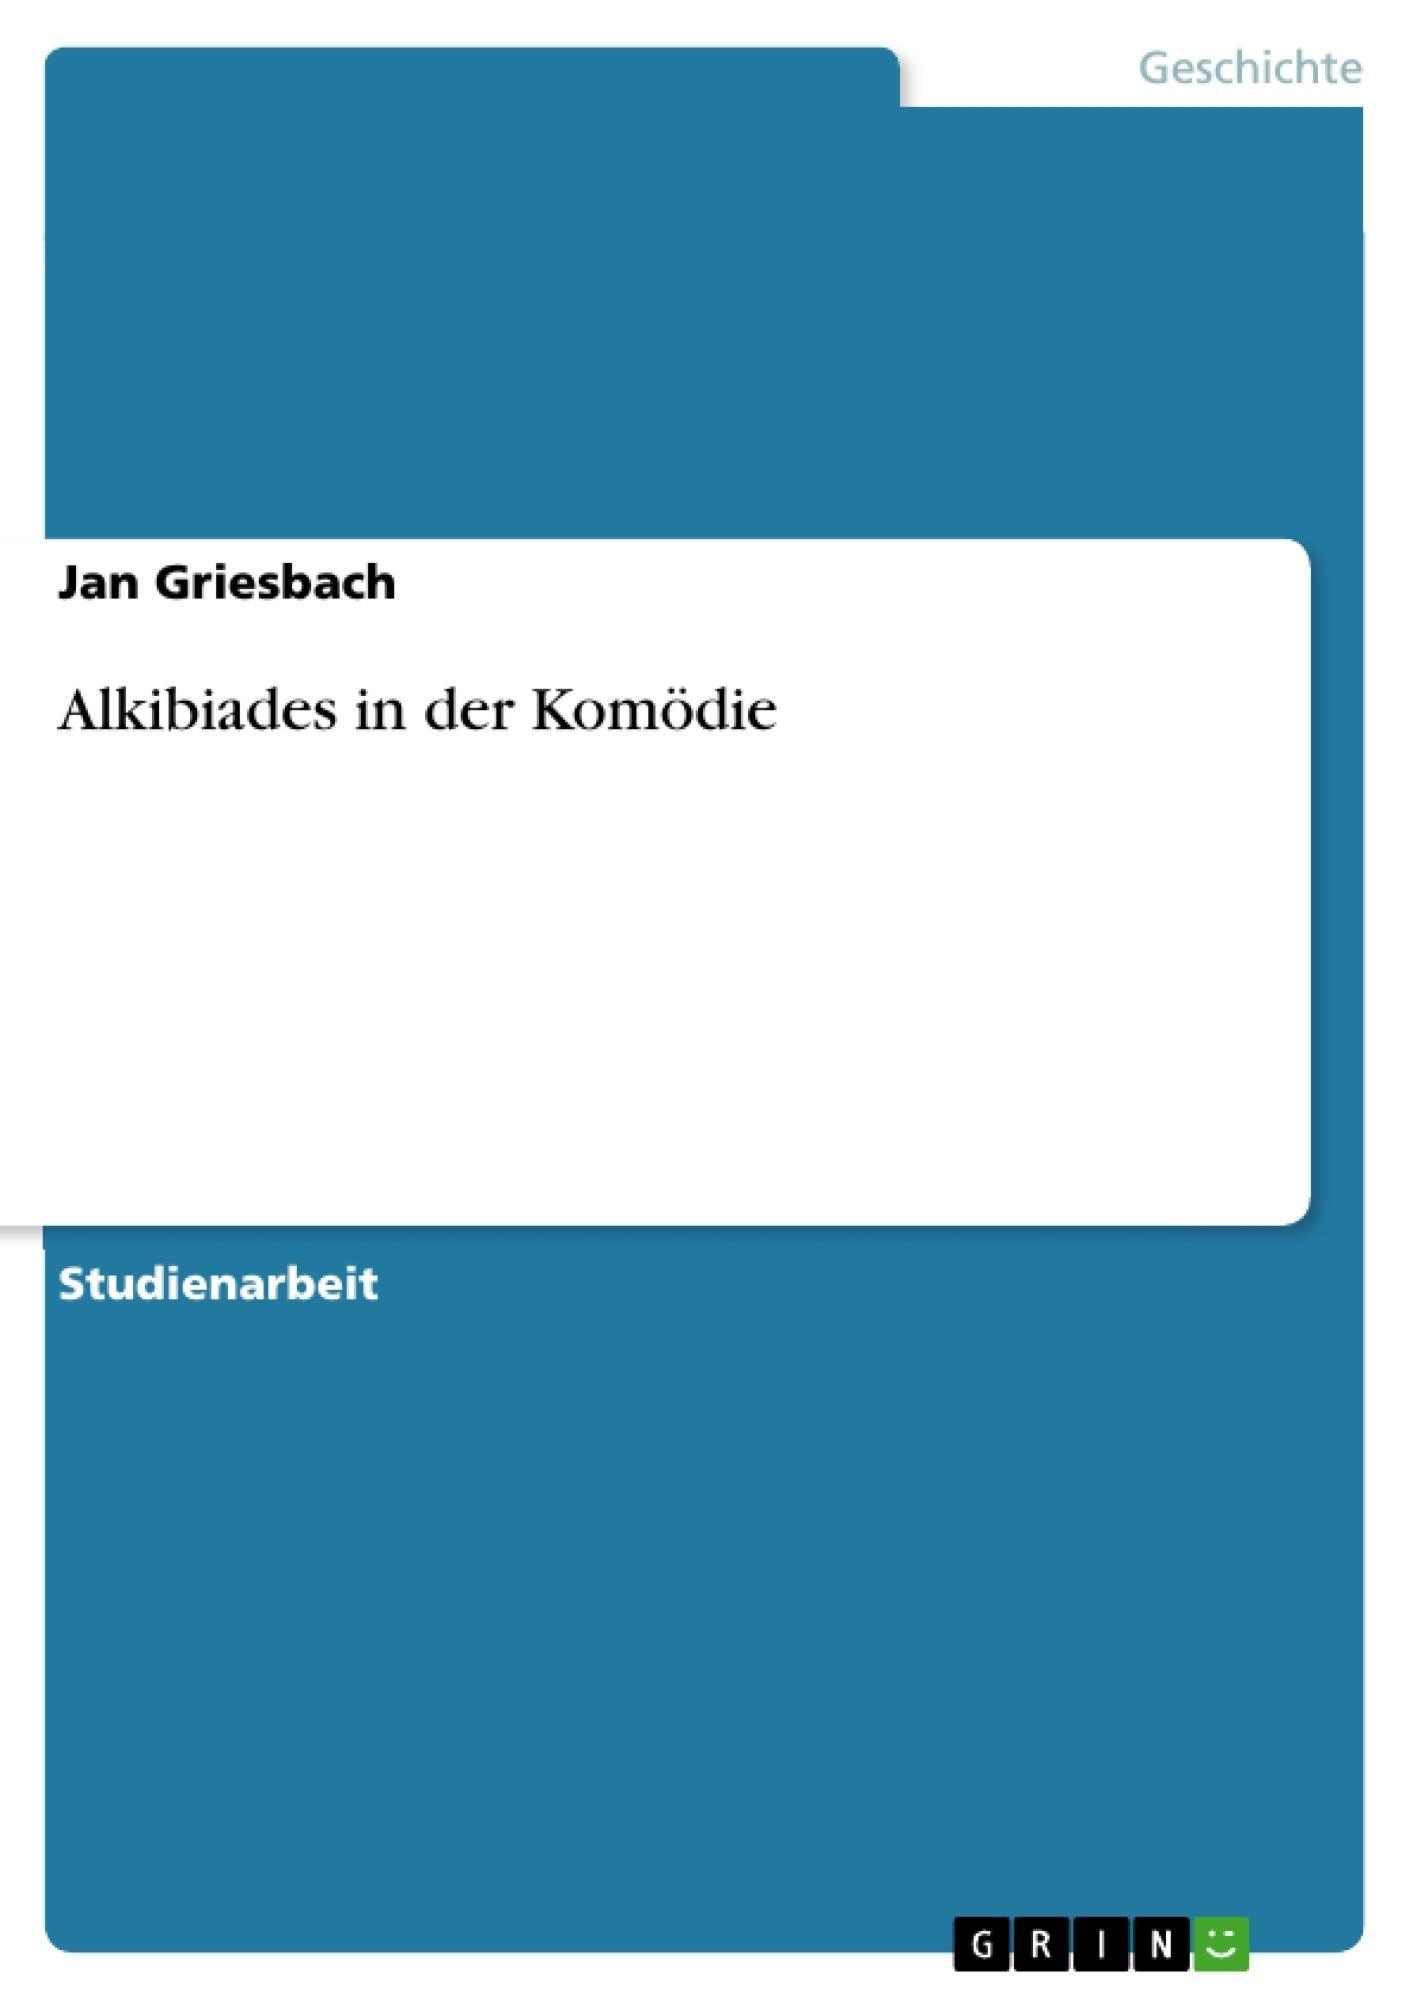 Titel: Alkibiades in der Komödie